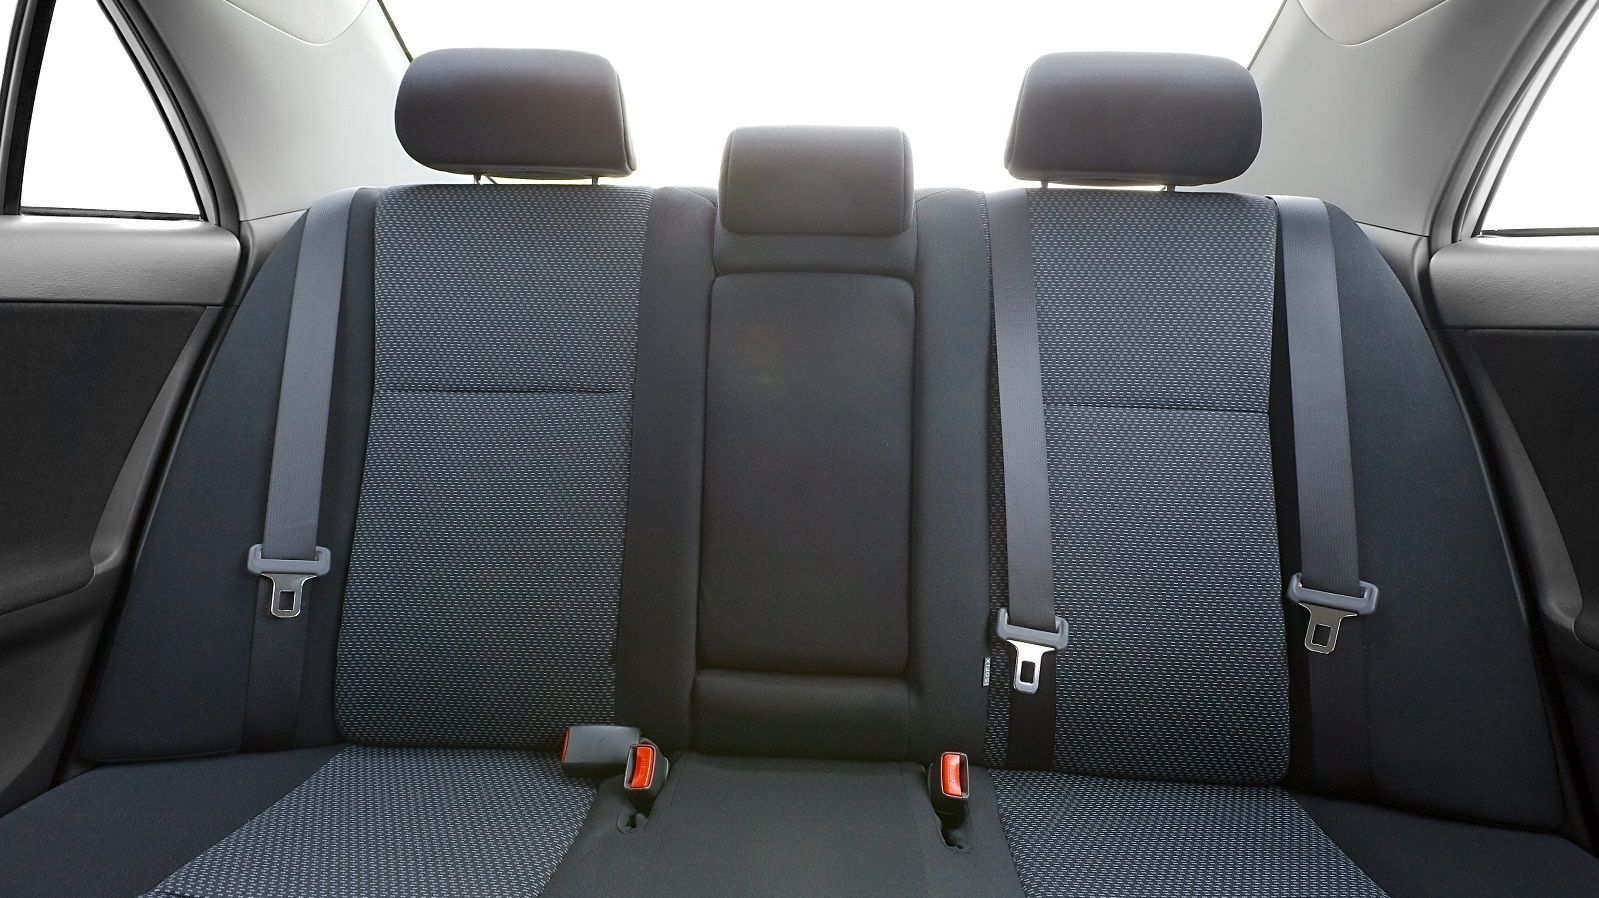 座席 シート ベルト 後部 後部座席のシートベルトが義務化!一般道でも未着用の場合は罰則に|中古車なら【グーネット】